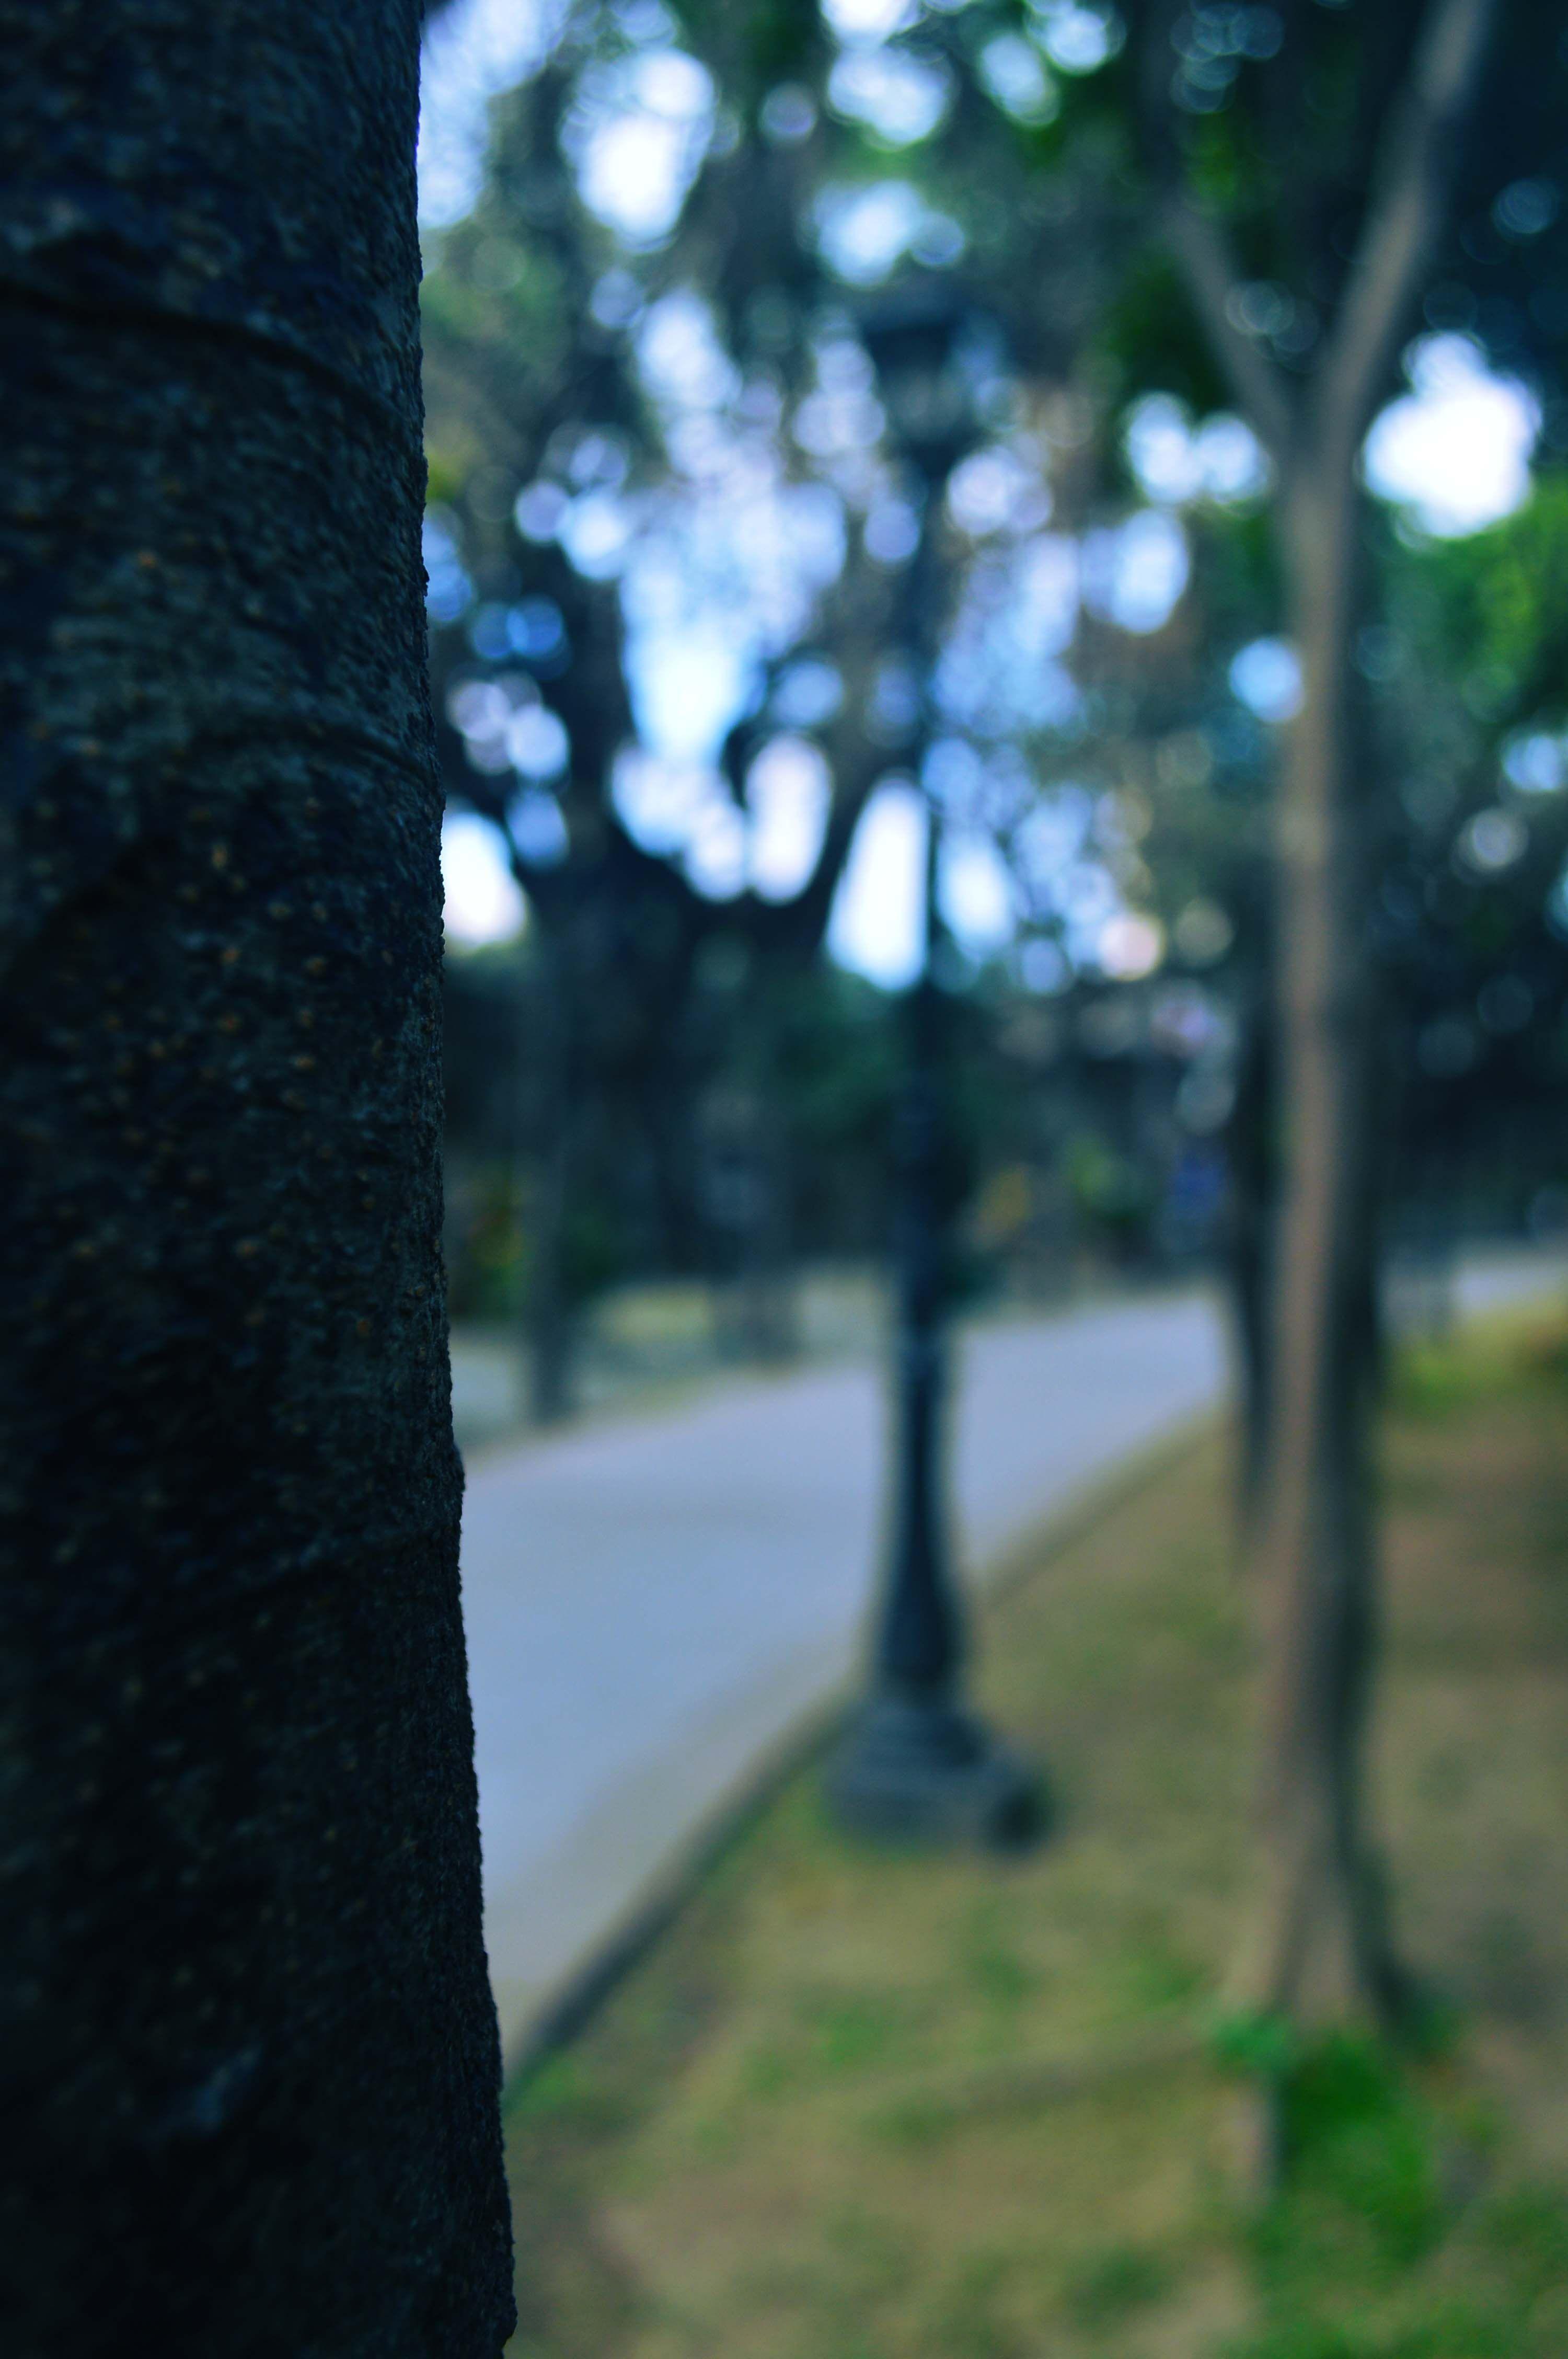 Random Dslr Background Images Background Images Background Images Hd